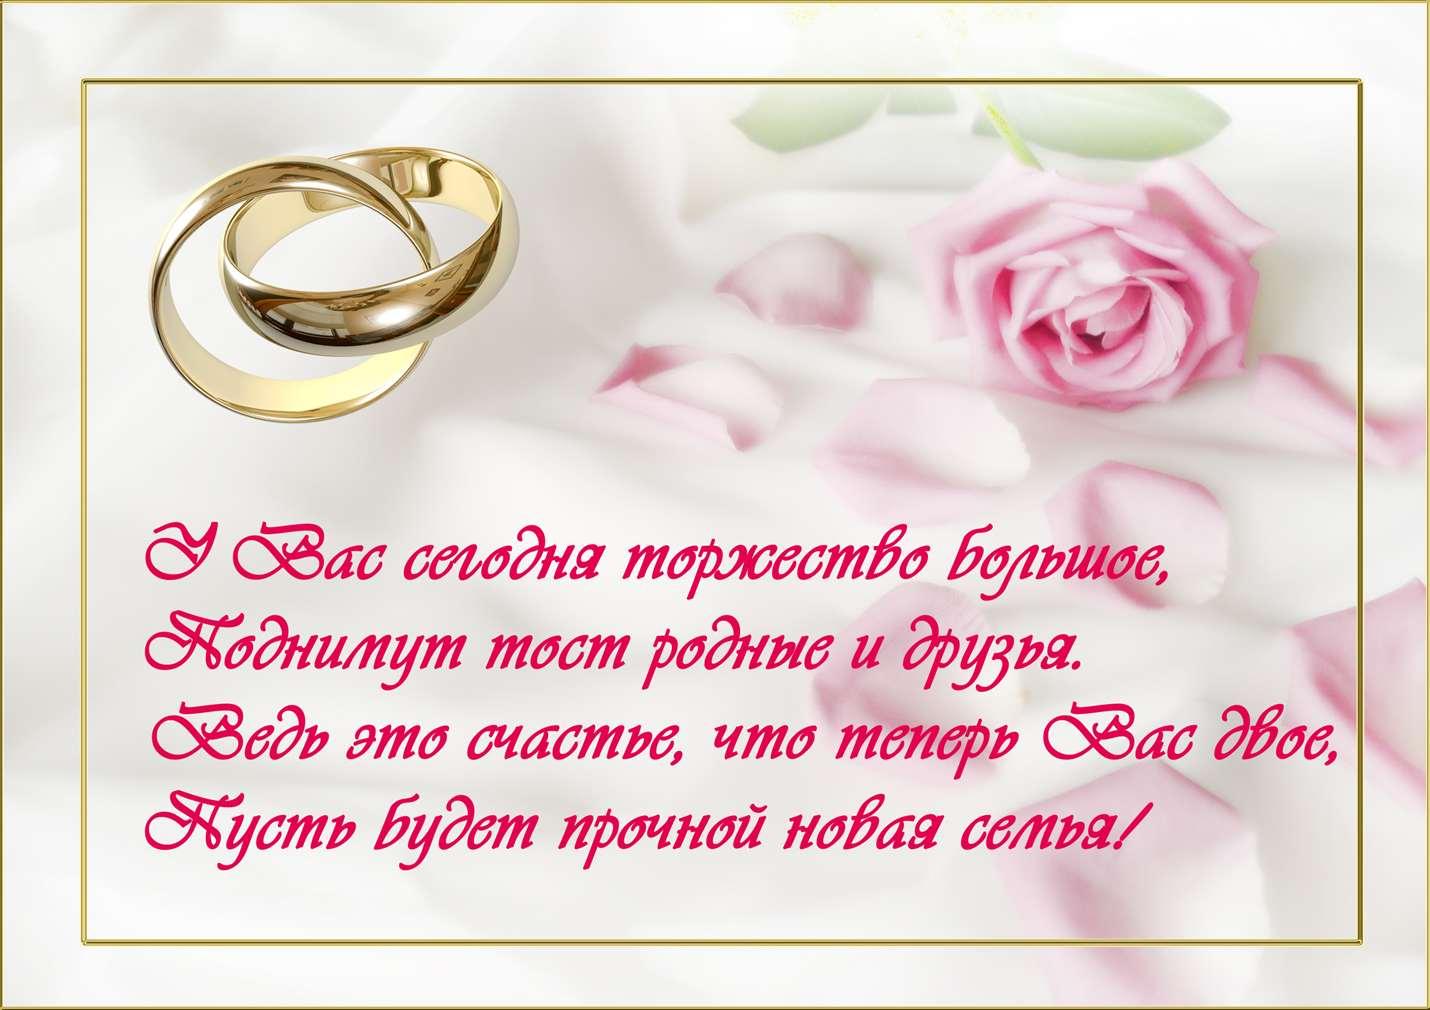 Короткие поздравления с днем свадьбы от друзей своими словами фото 486